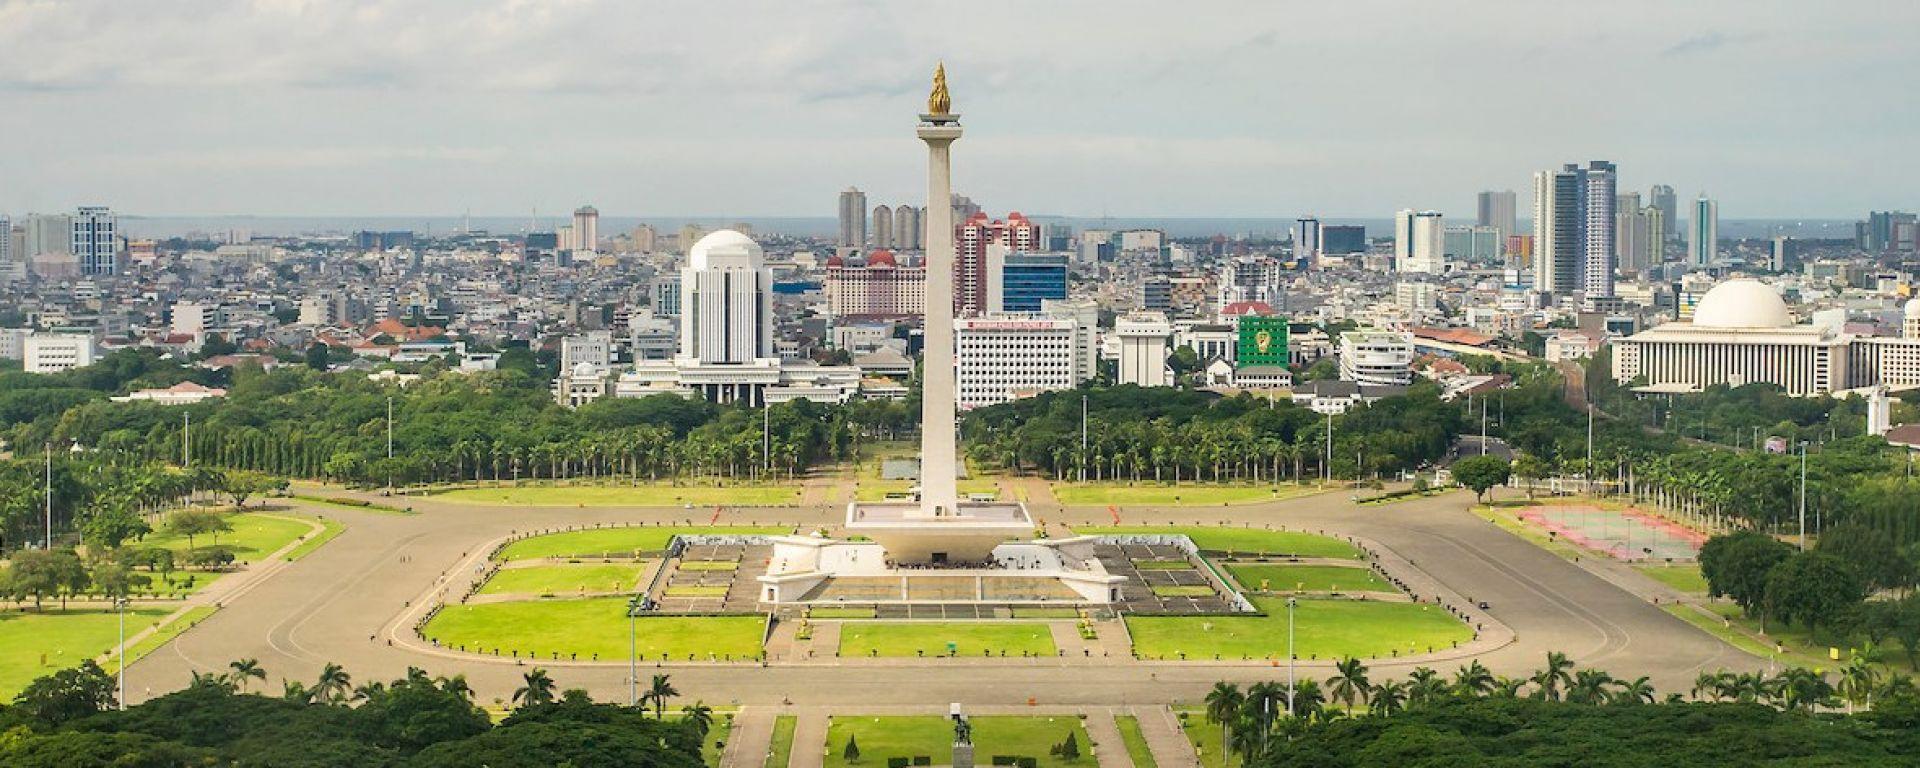 Formula E, il Monas di Merdeka Square dove sarà allestito il circuito dell'ePrix di Jakarta 2020